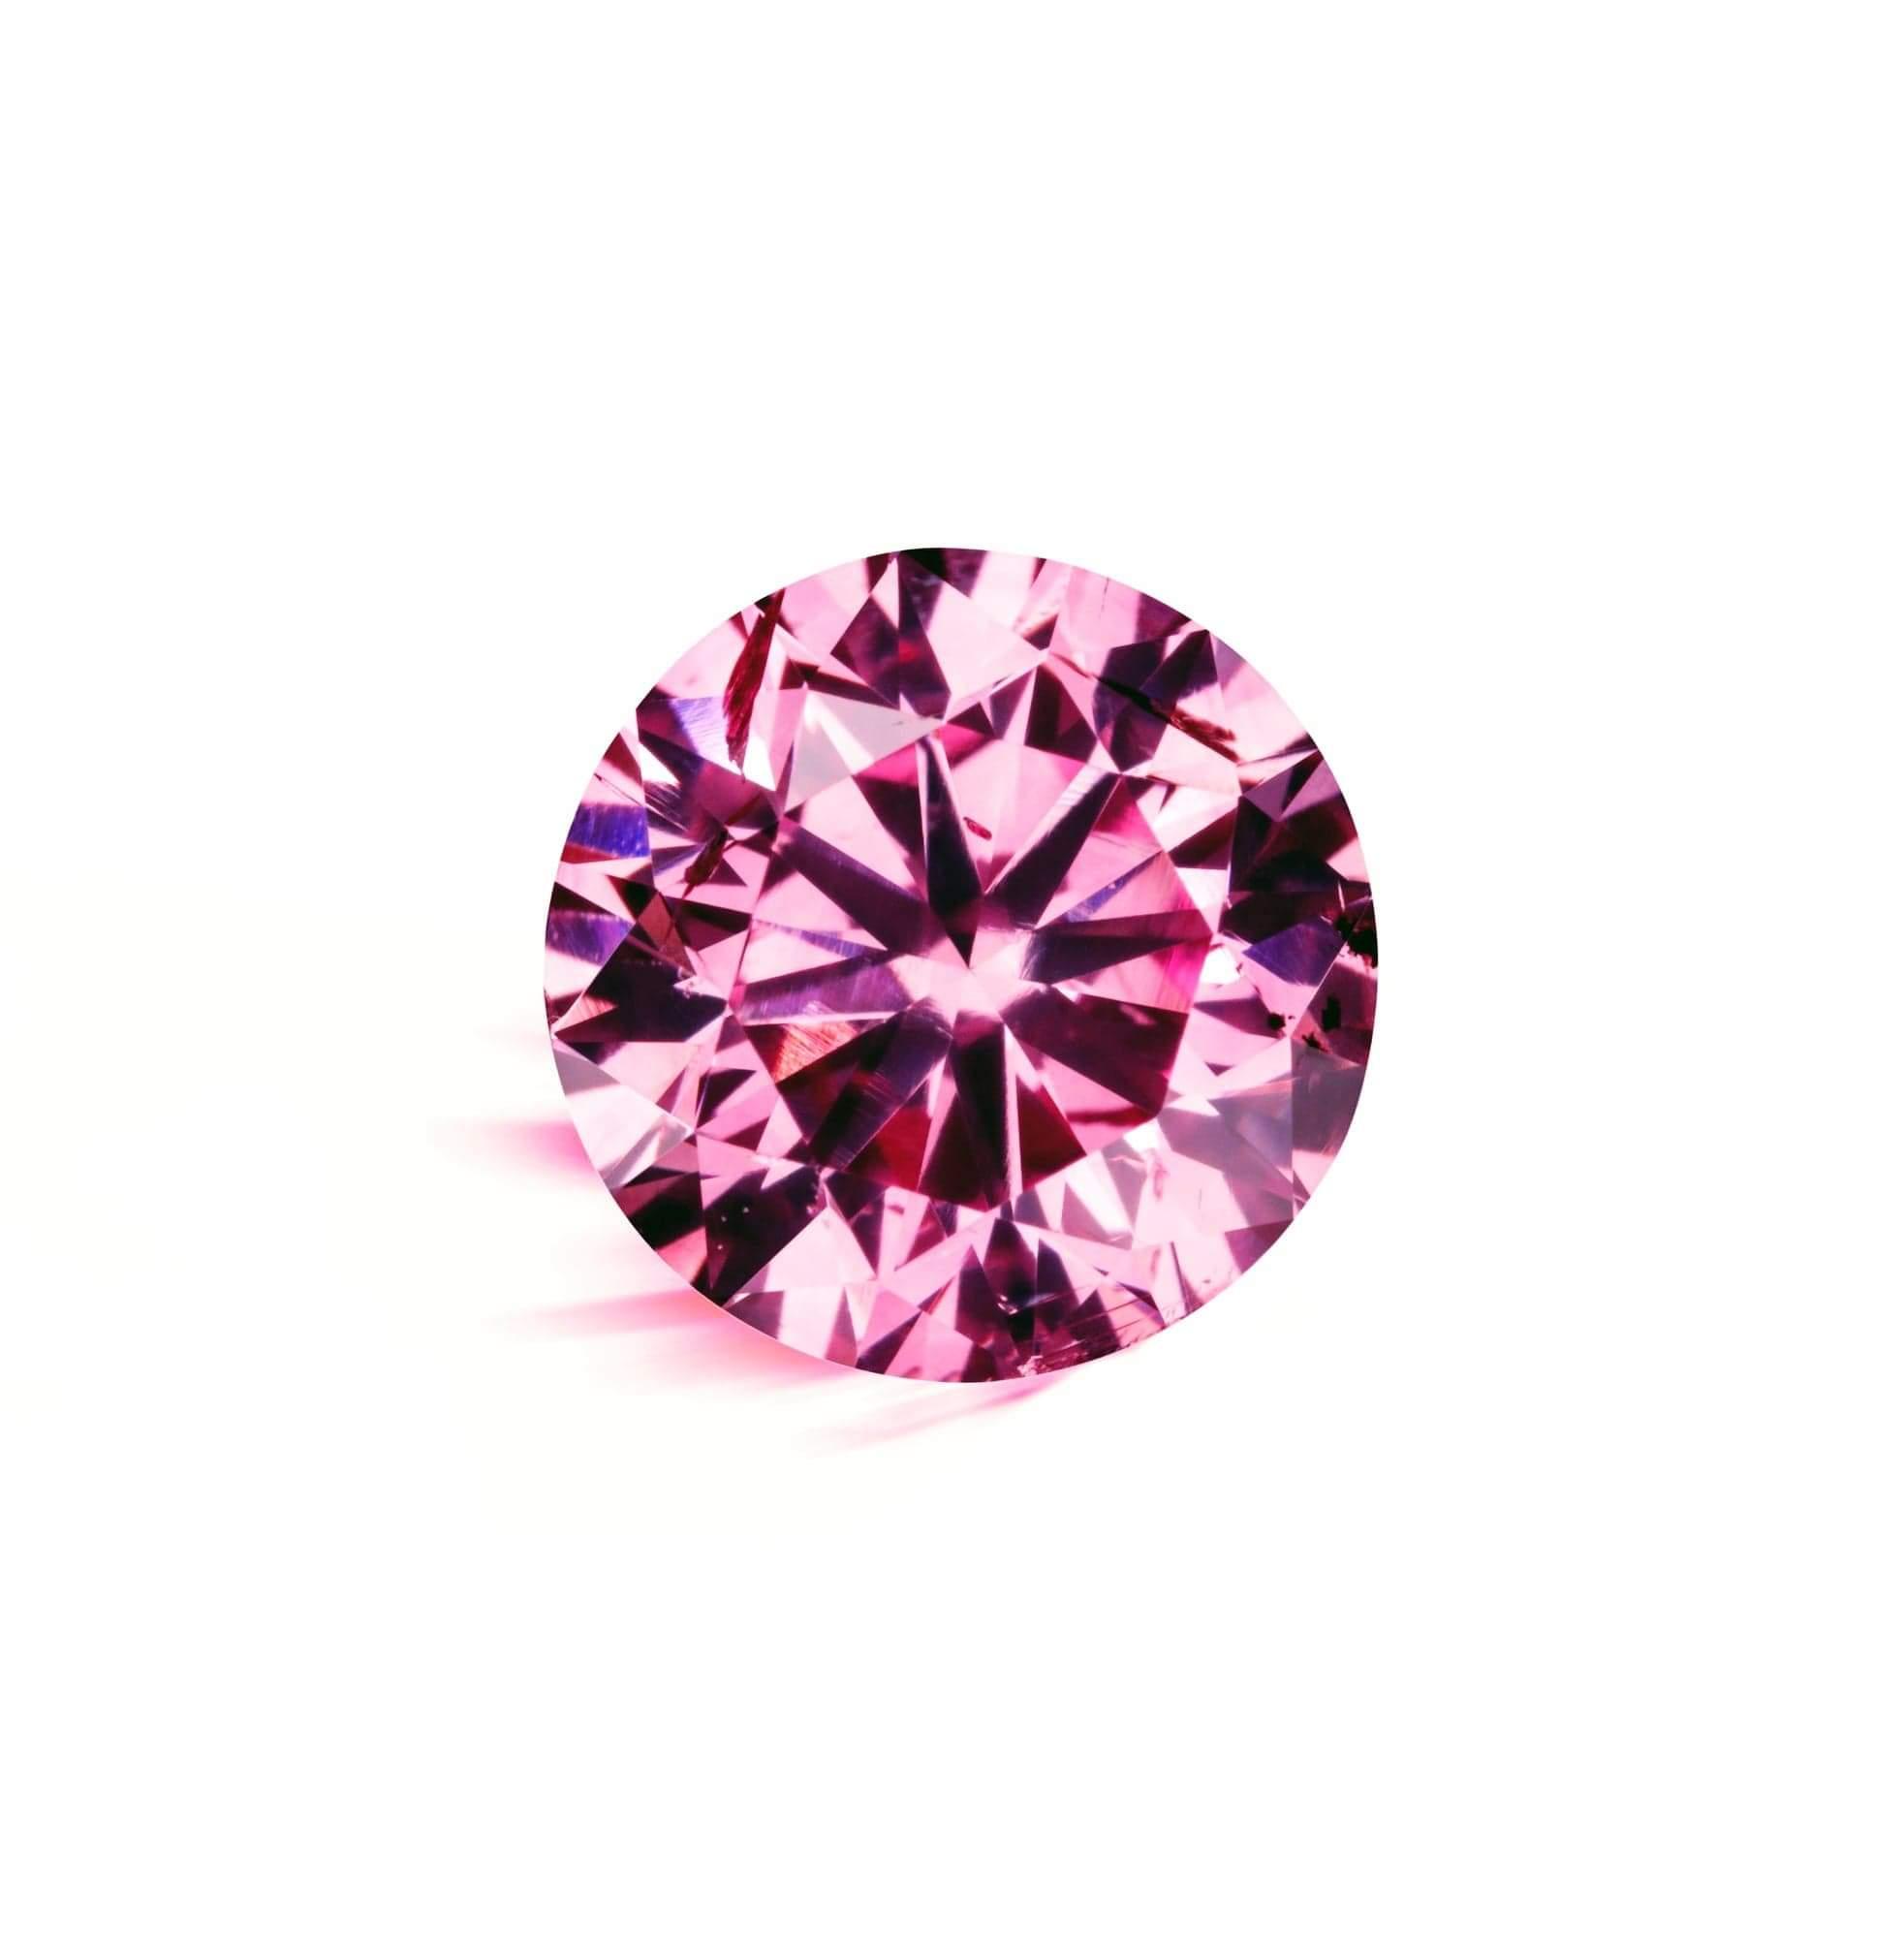 百日雜談——鑽石